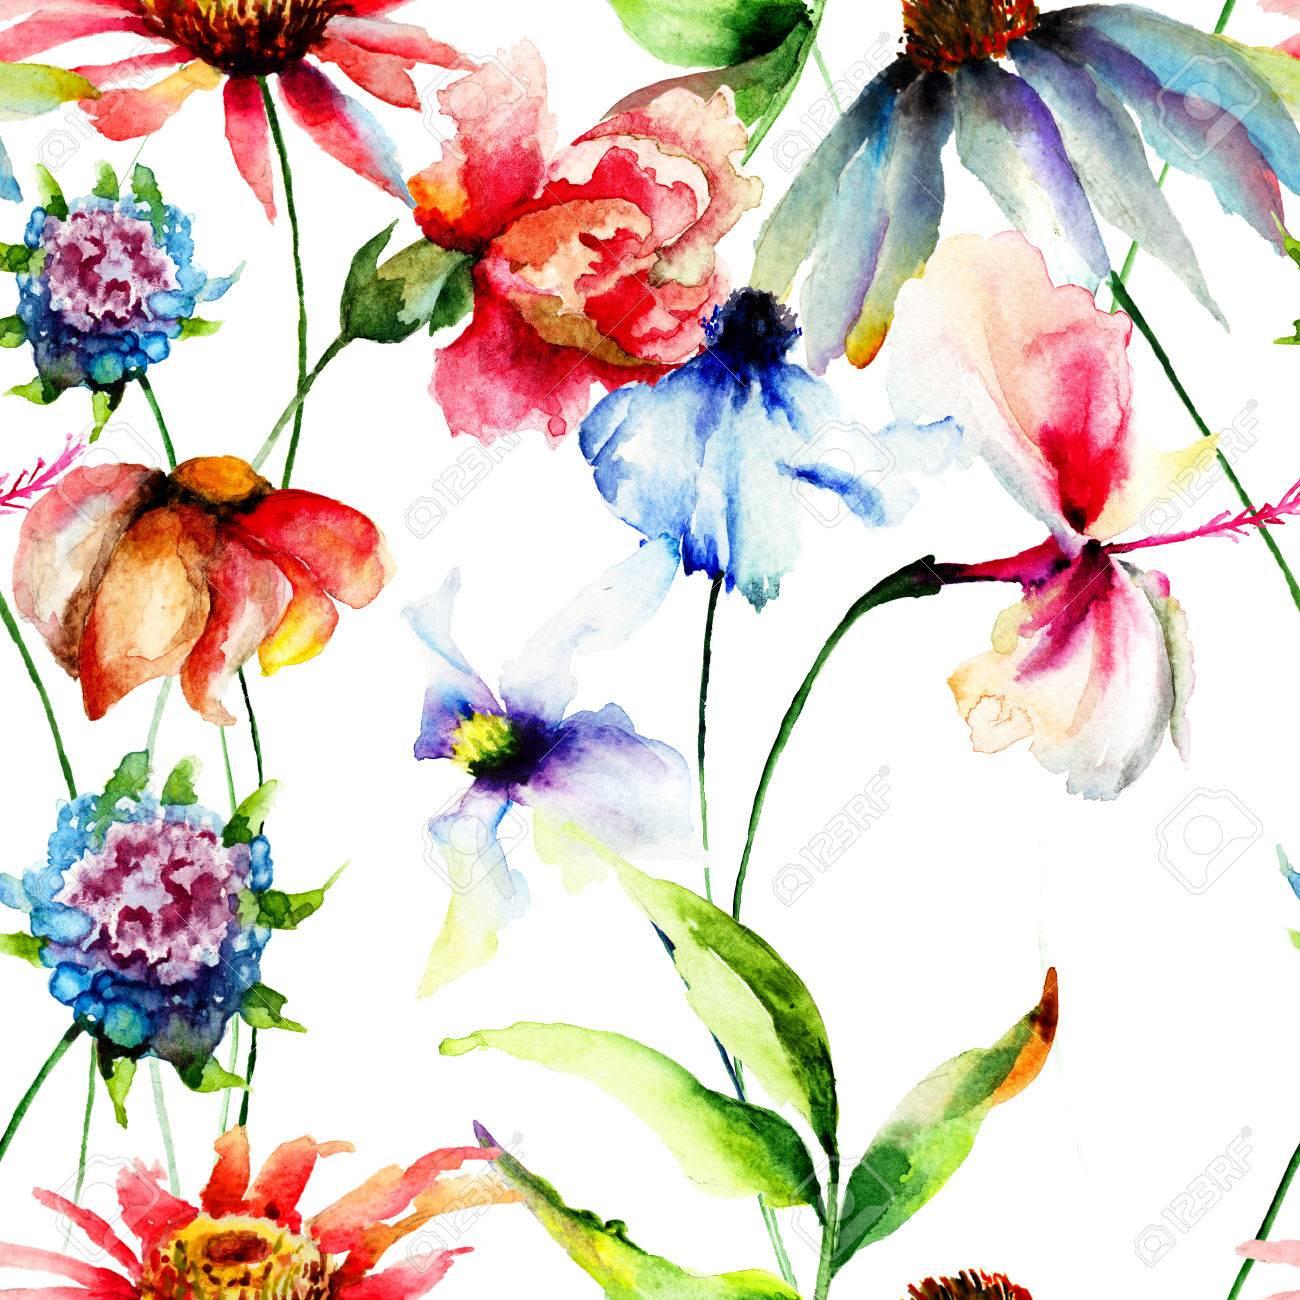 夏の花の水彩イラストとシームレスな壁紙 の写真素材 画像素材 Image